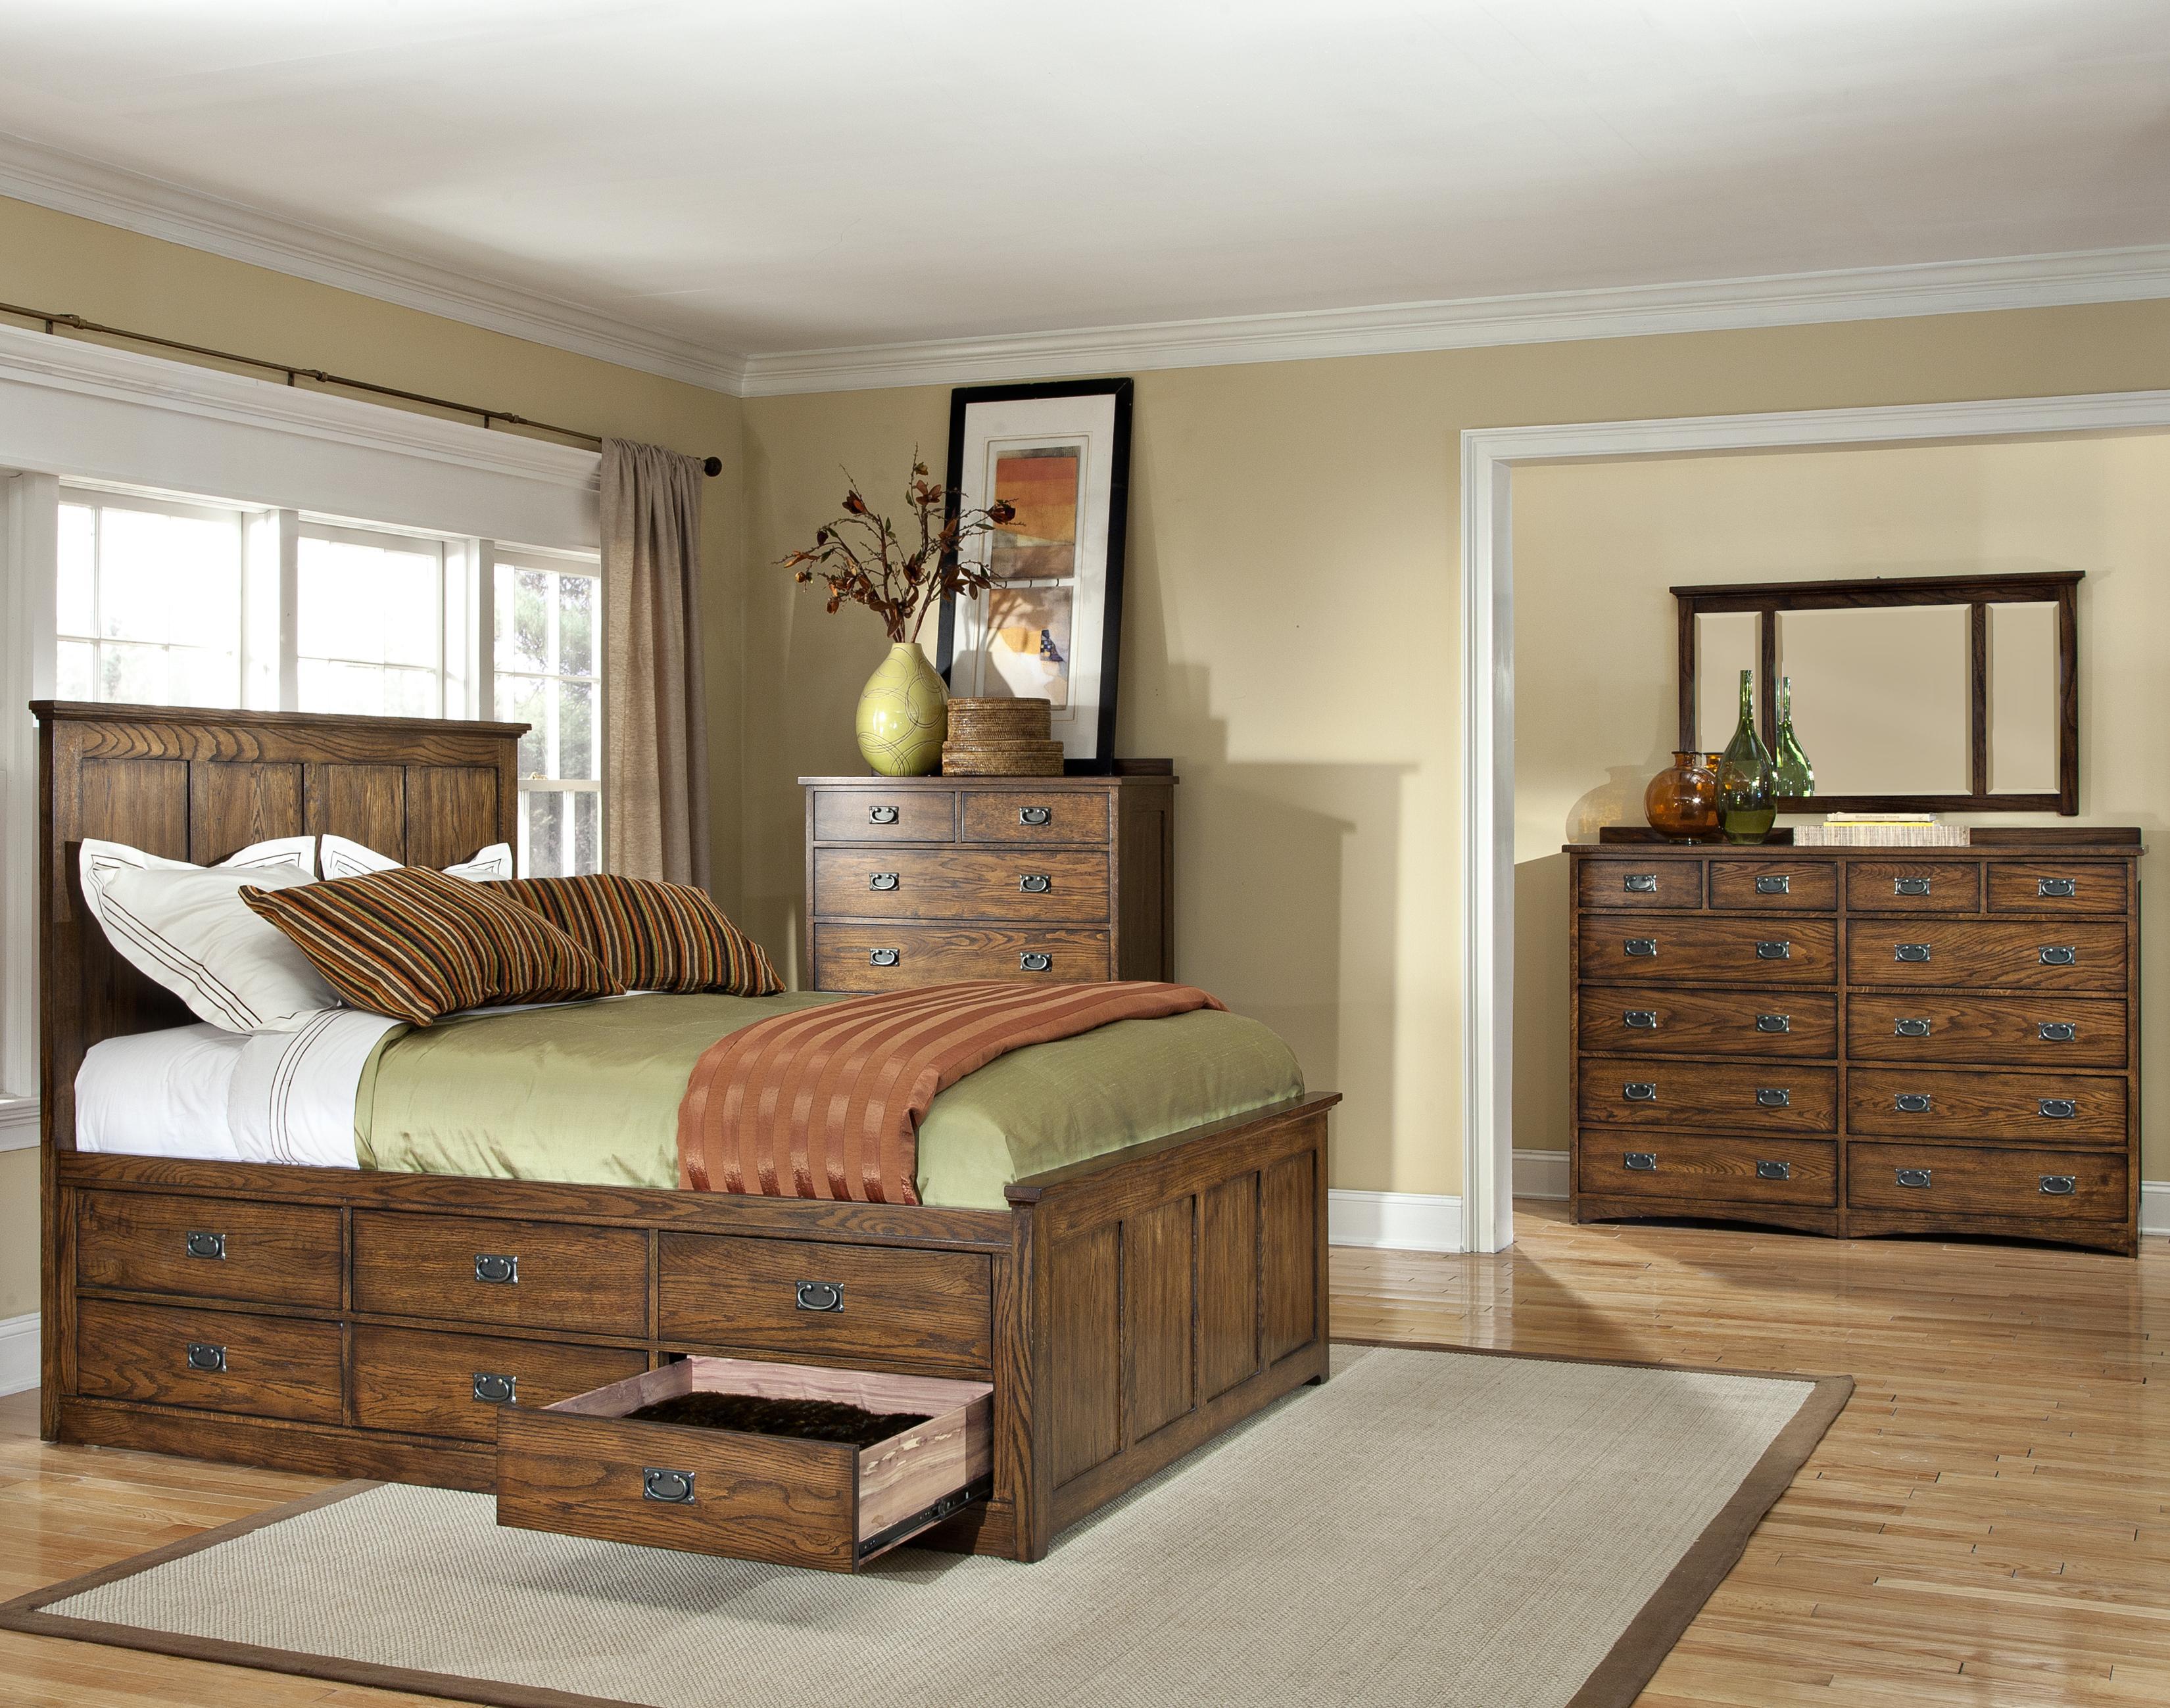 Oak Park King Bedroom Group by VFM Signature at Virginia Furniture Market